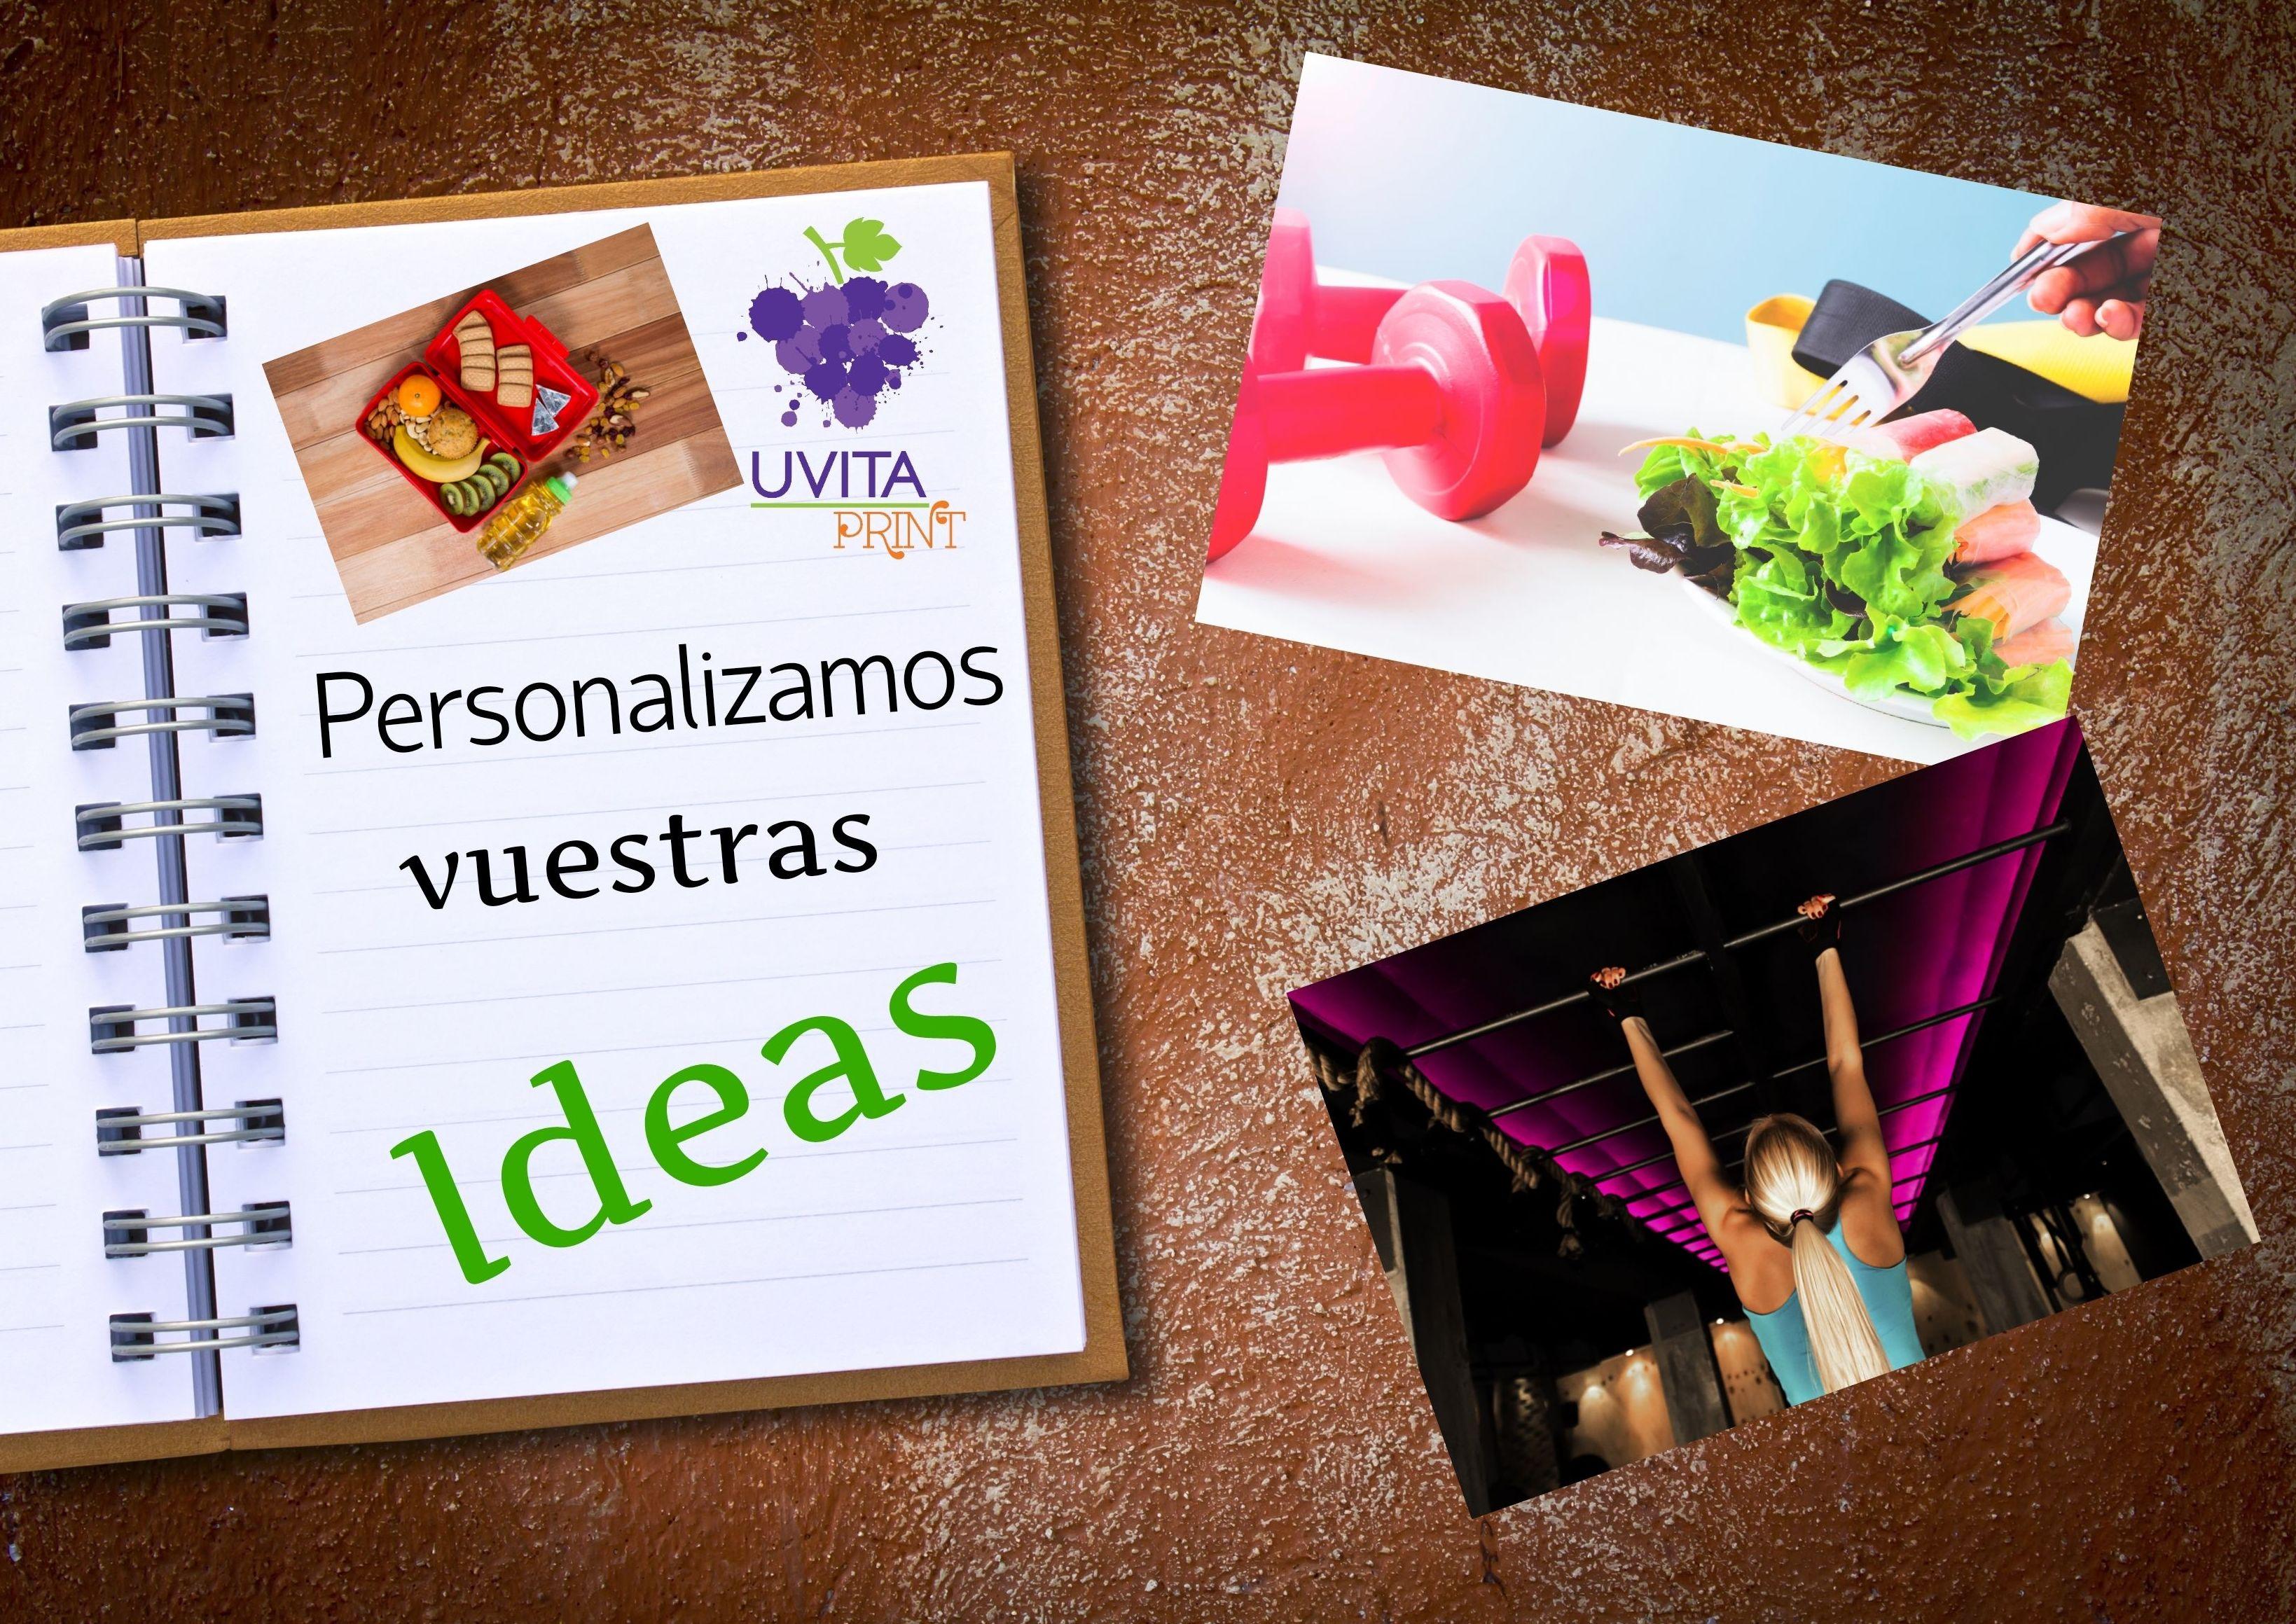 Os dedicáis al área de la nutrición, salud, deporte? Personalizamos vuestras ideas!